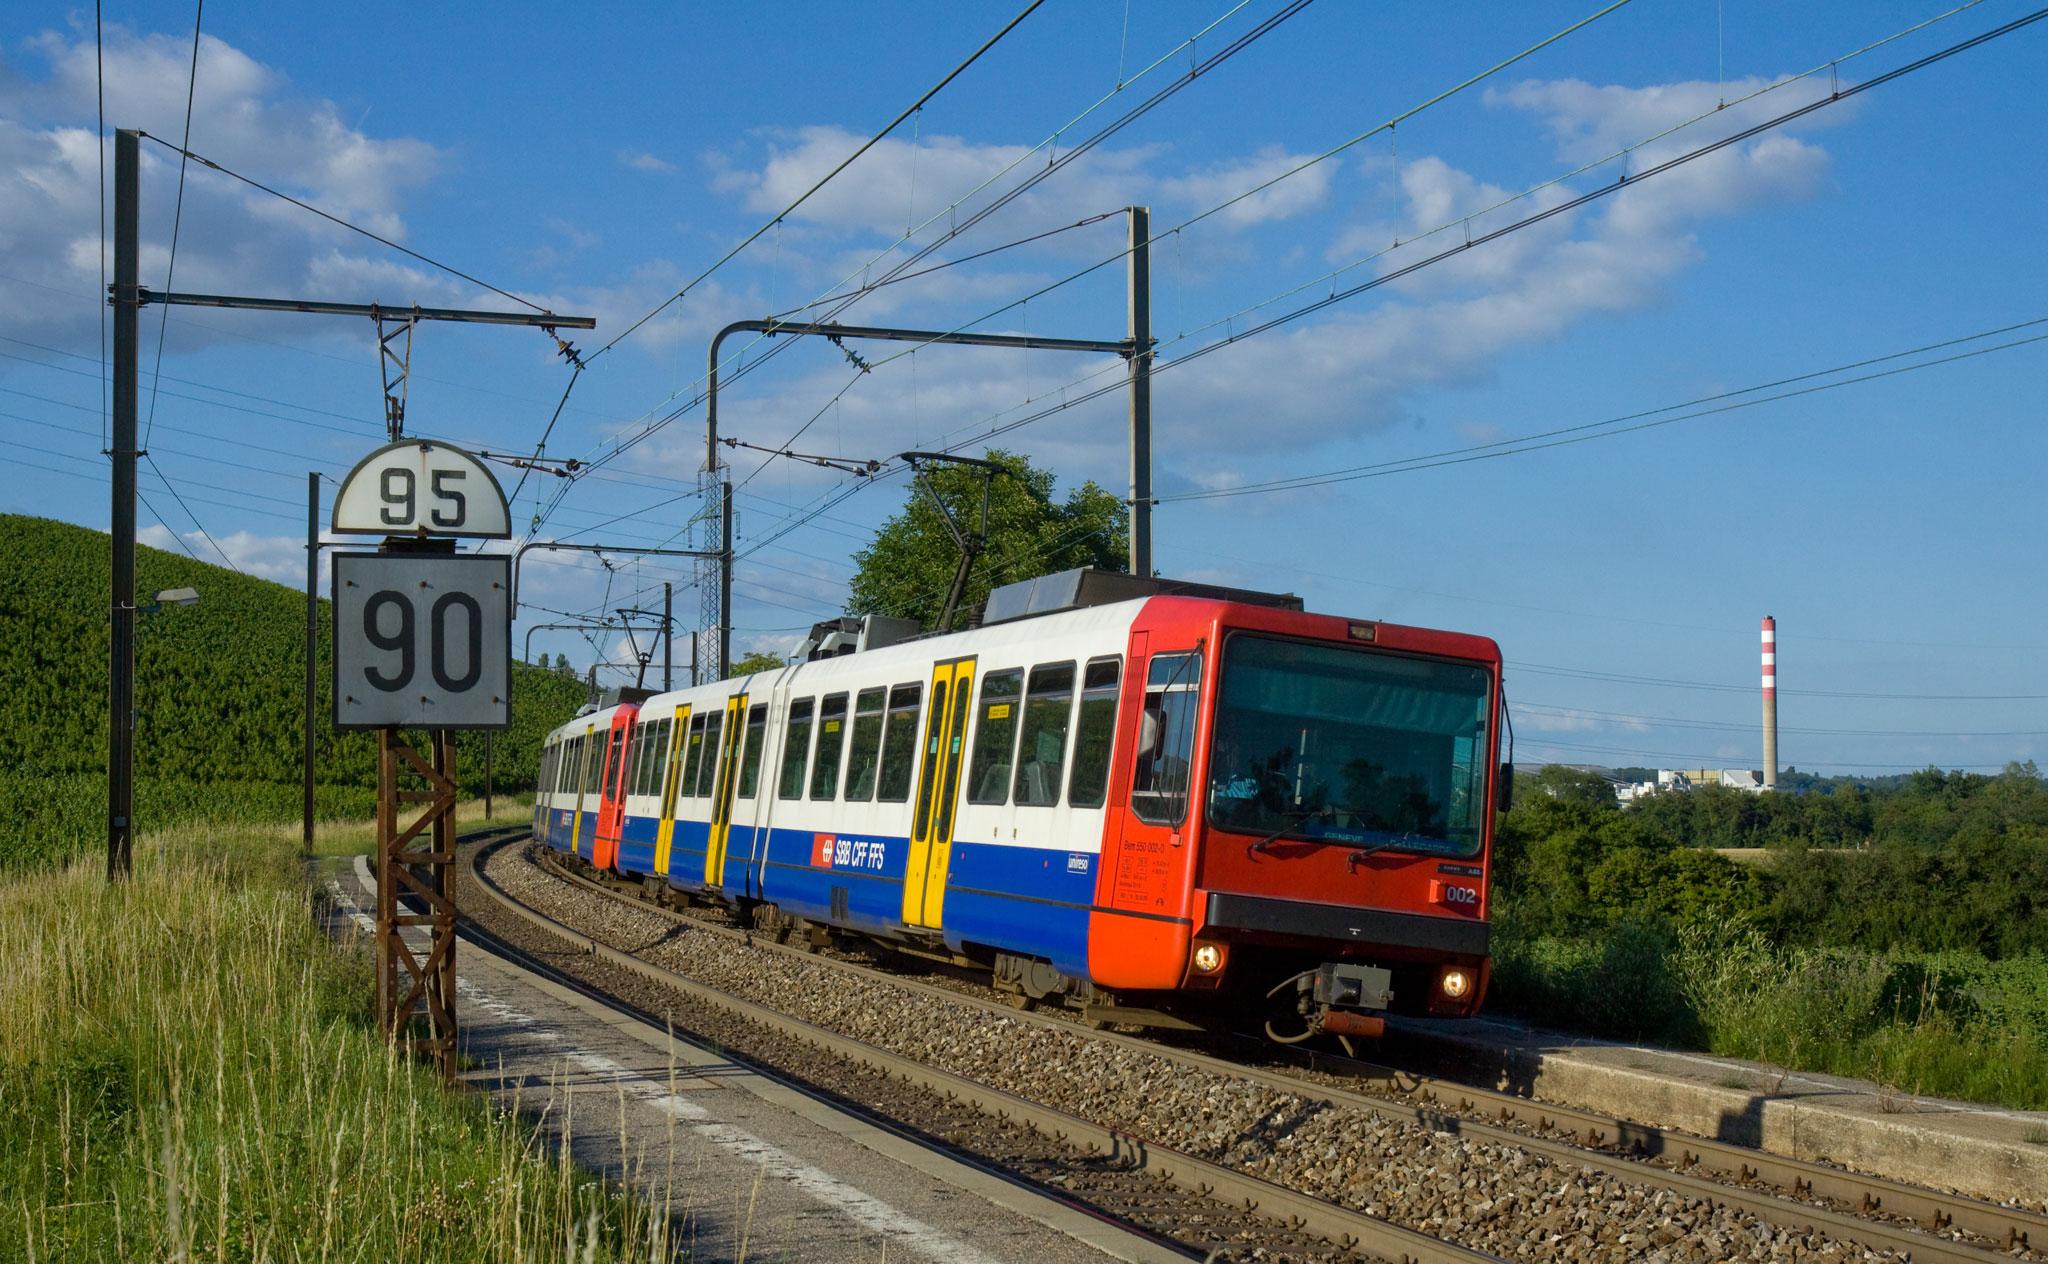 Une rame de train rouge, blanche et bleue dans une courbe dans la campagne